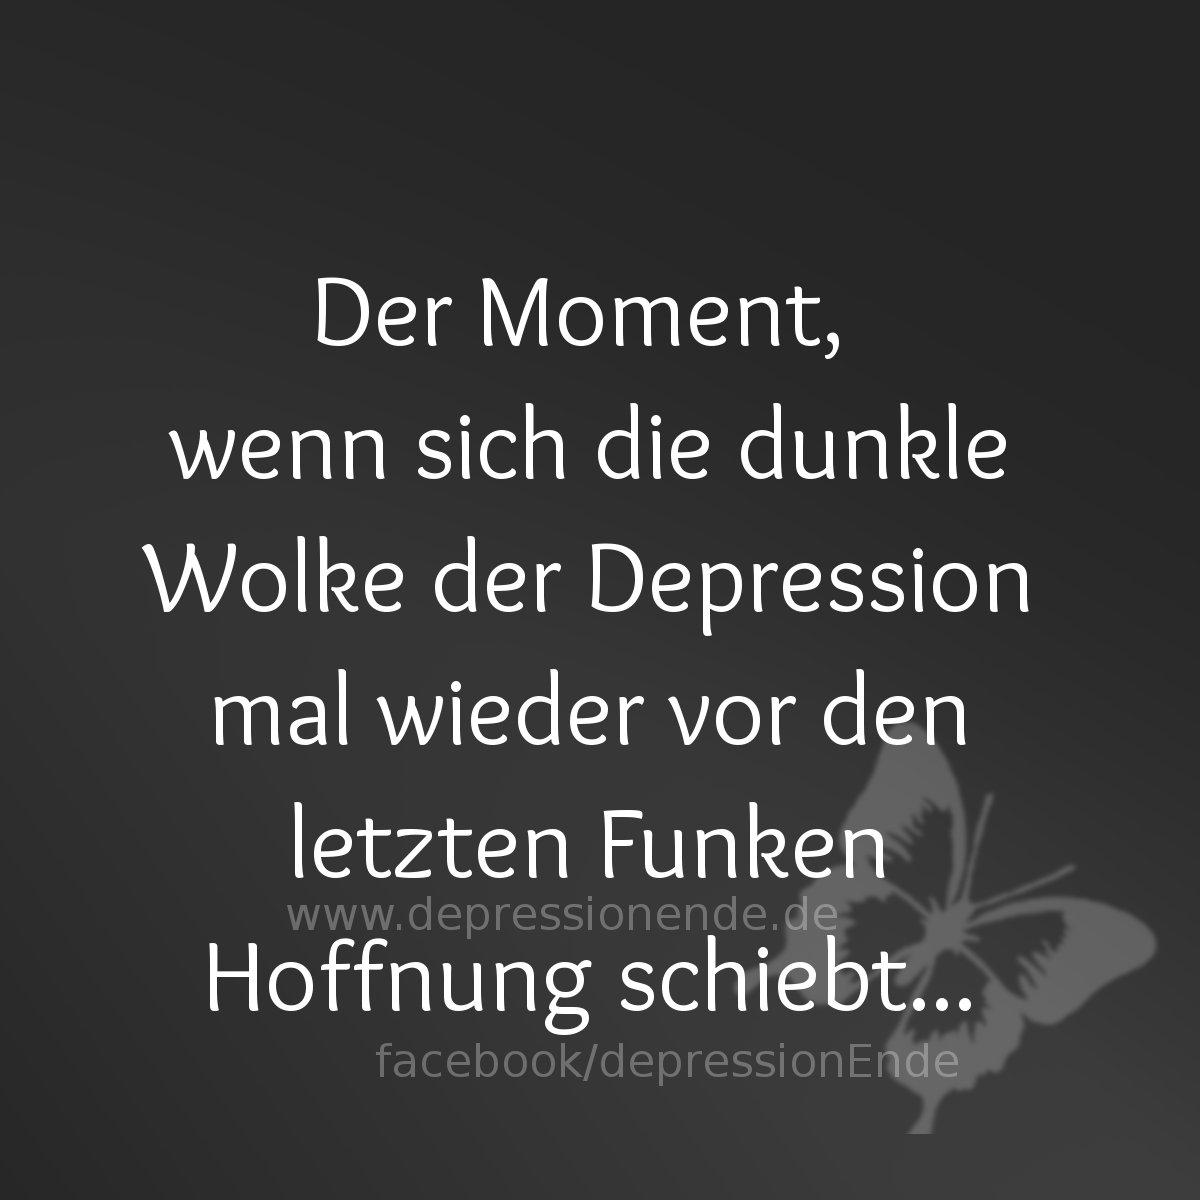 Der Moment, wenn sich die dunkle Wolke der Depression mal wieder vor den letzten Funken Hoffnung schiebt.